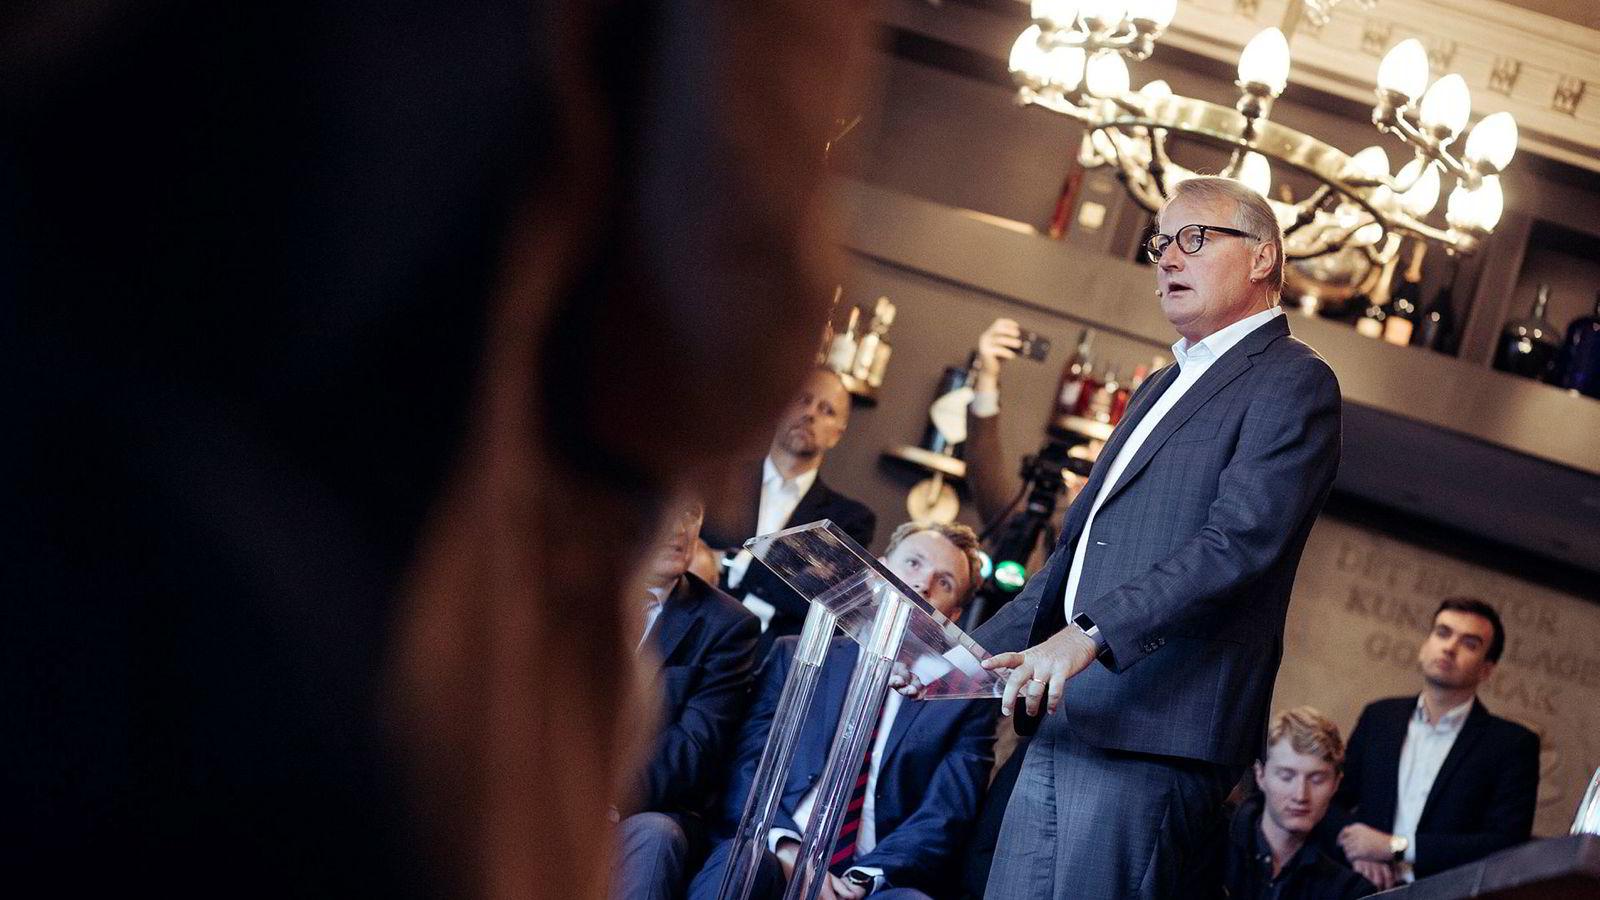 – Da skjønte vi hvor sårbare vi var i forhold til likviditet og funding. For hvis han hadde tatt ut sin milliard dollar og det hadde blitt kjent i markedet, så ville vi ha opplevd noe i nærheten av et «bank run», sier DNB-sjef Rune Bjerke om møtet med en amerikansk kunde i 2008.